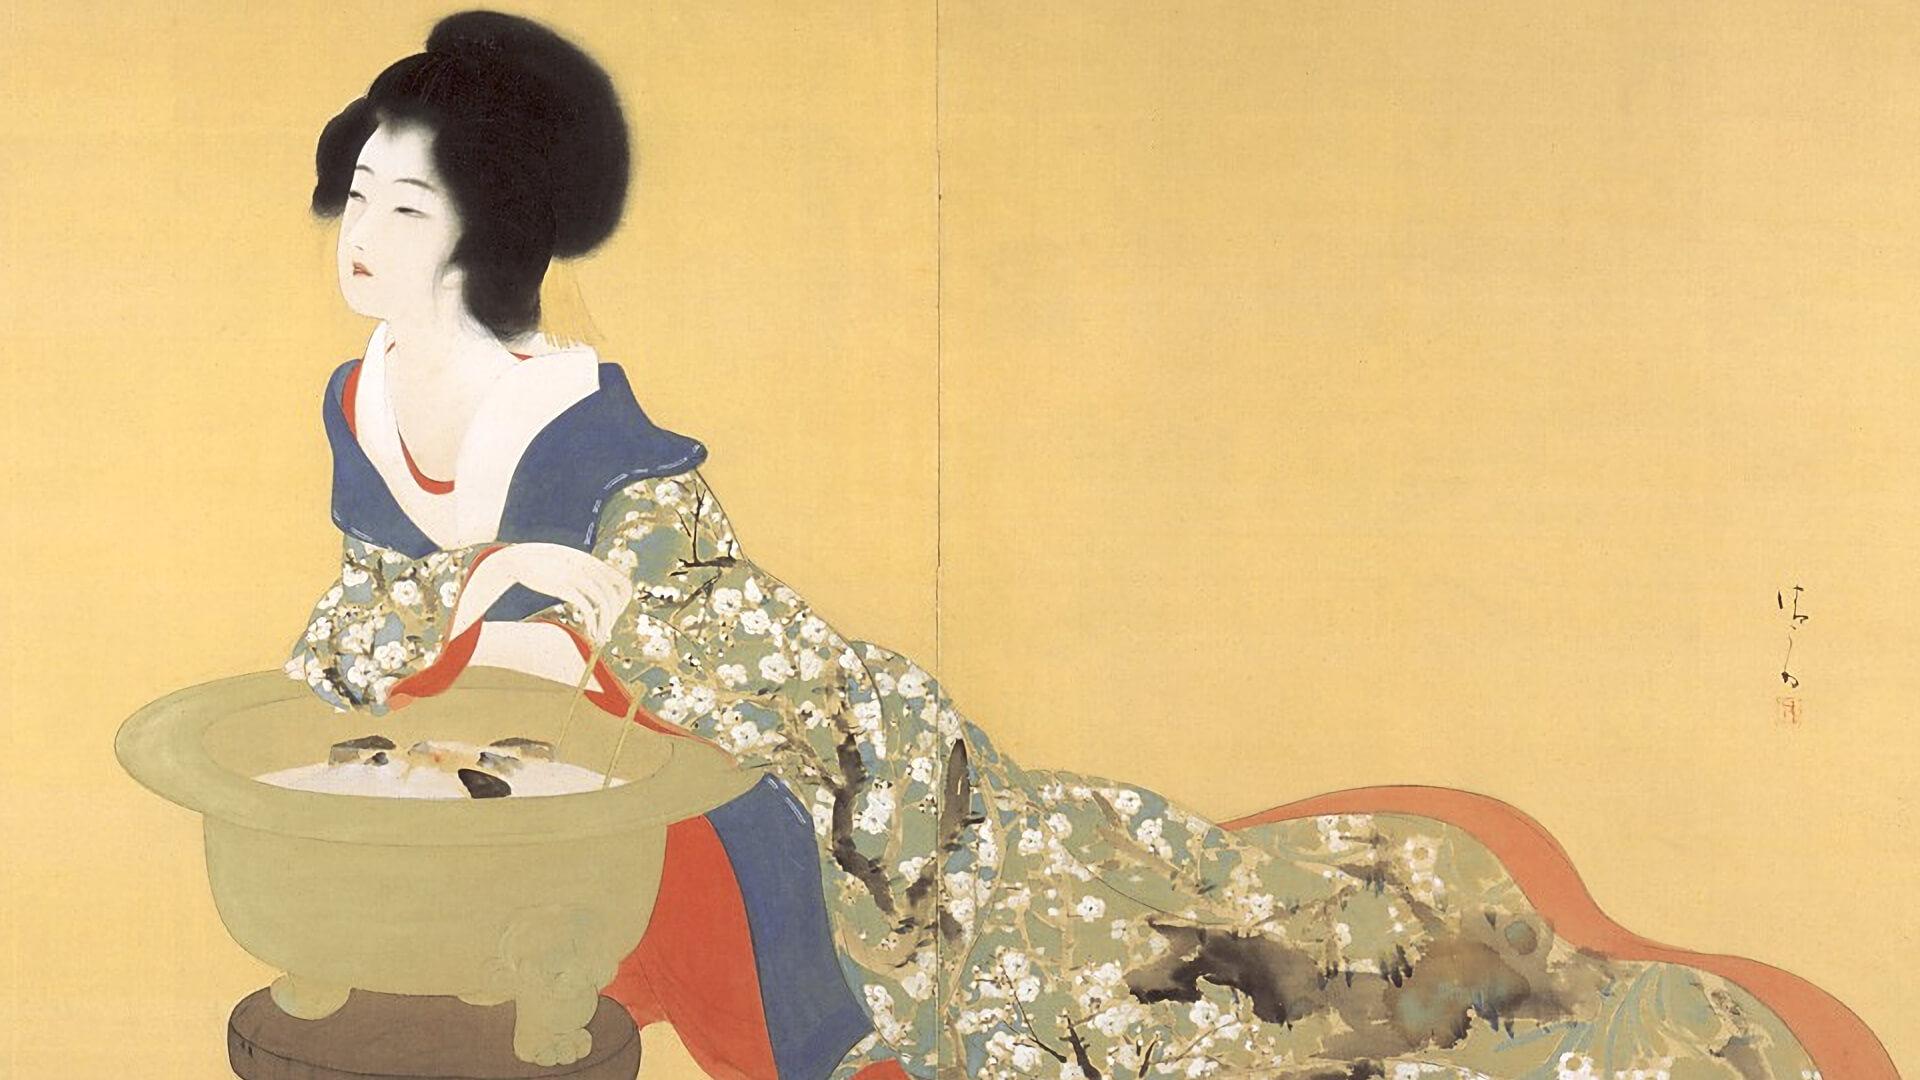 kaburaki kiyokata-yujo_1920x1080